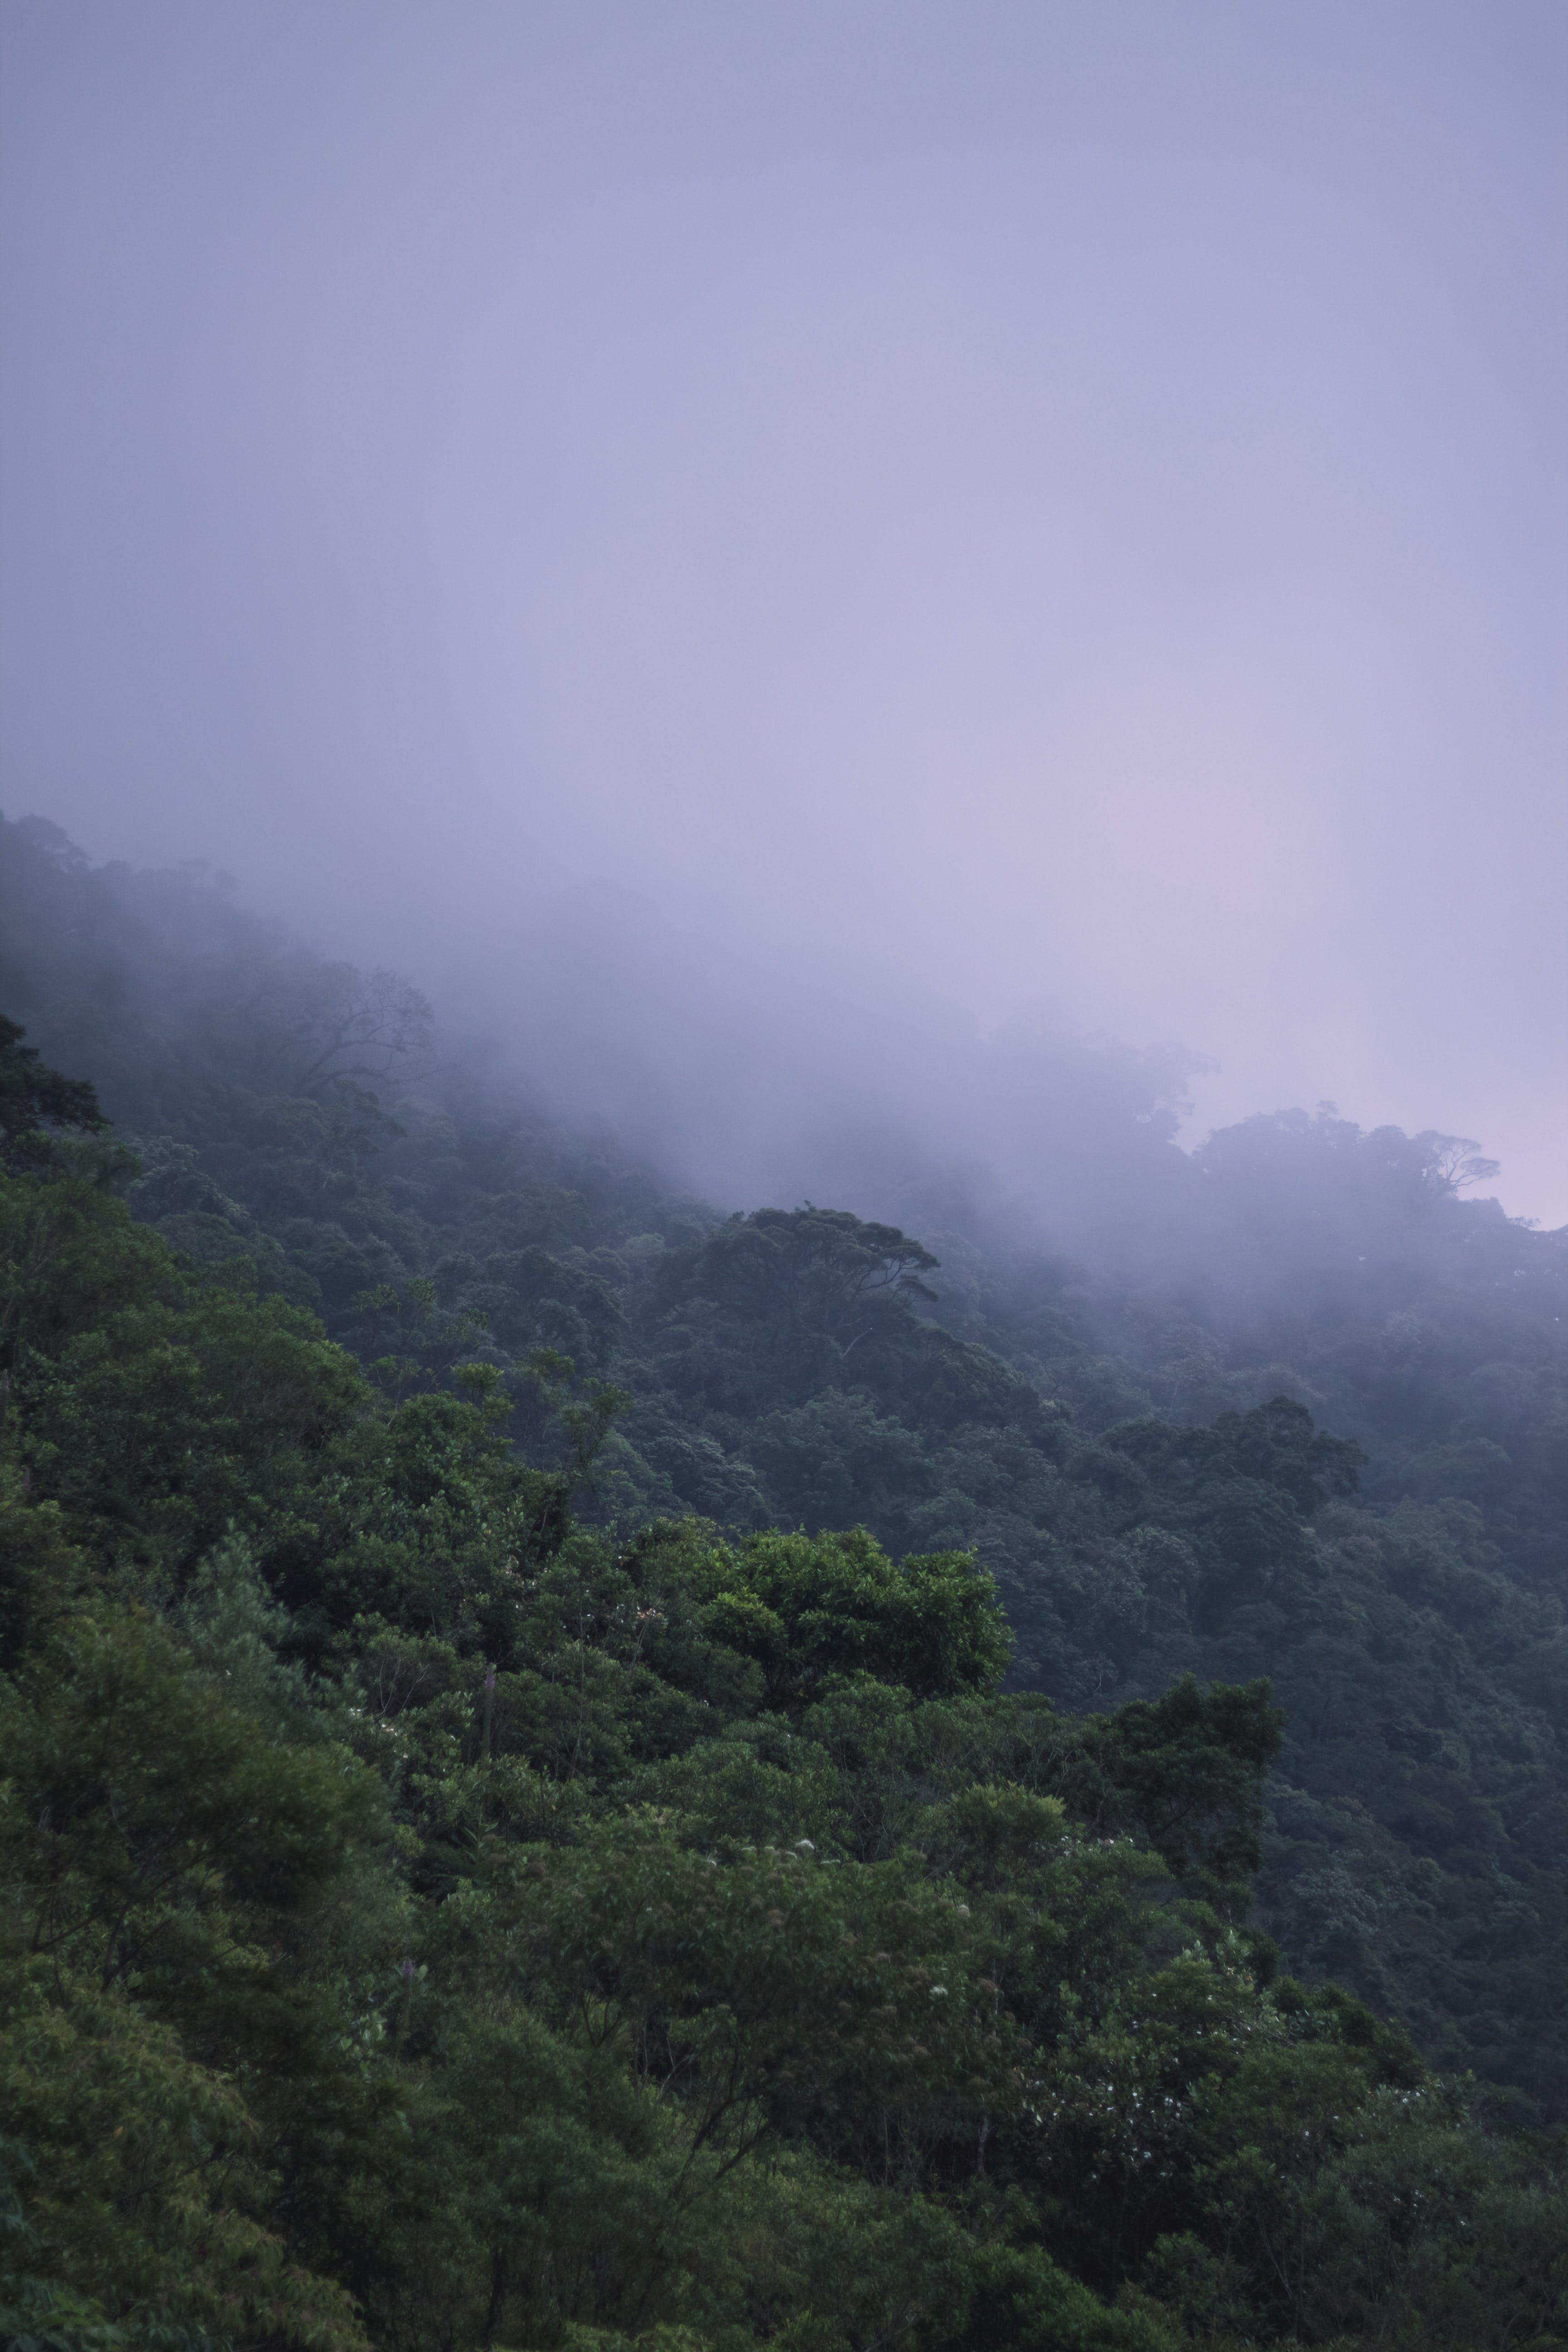 Free stock photo of caminho pela floresta, cobertura florestal, floresta, folhas verdes